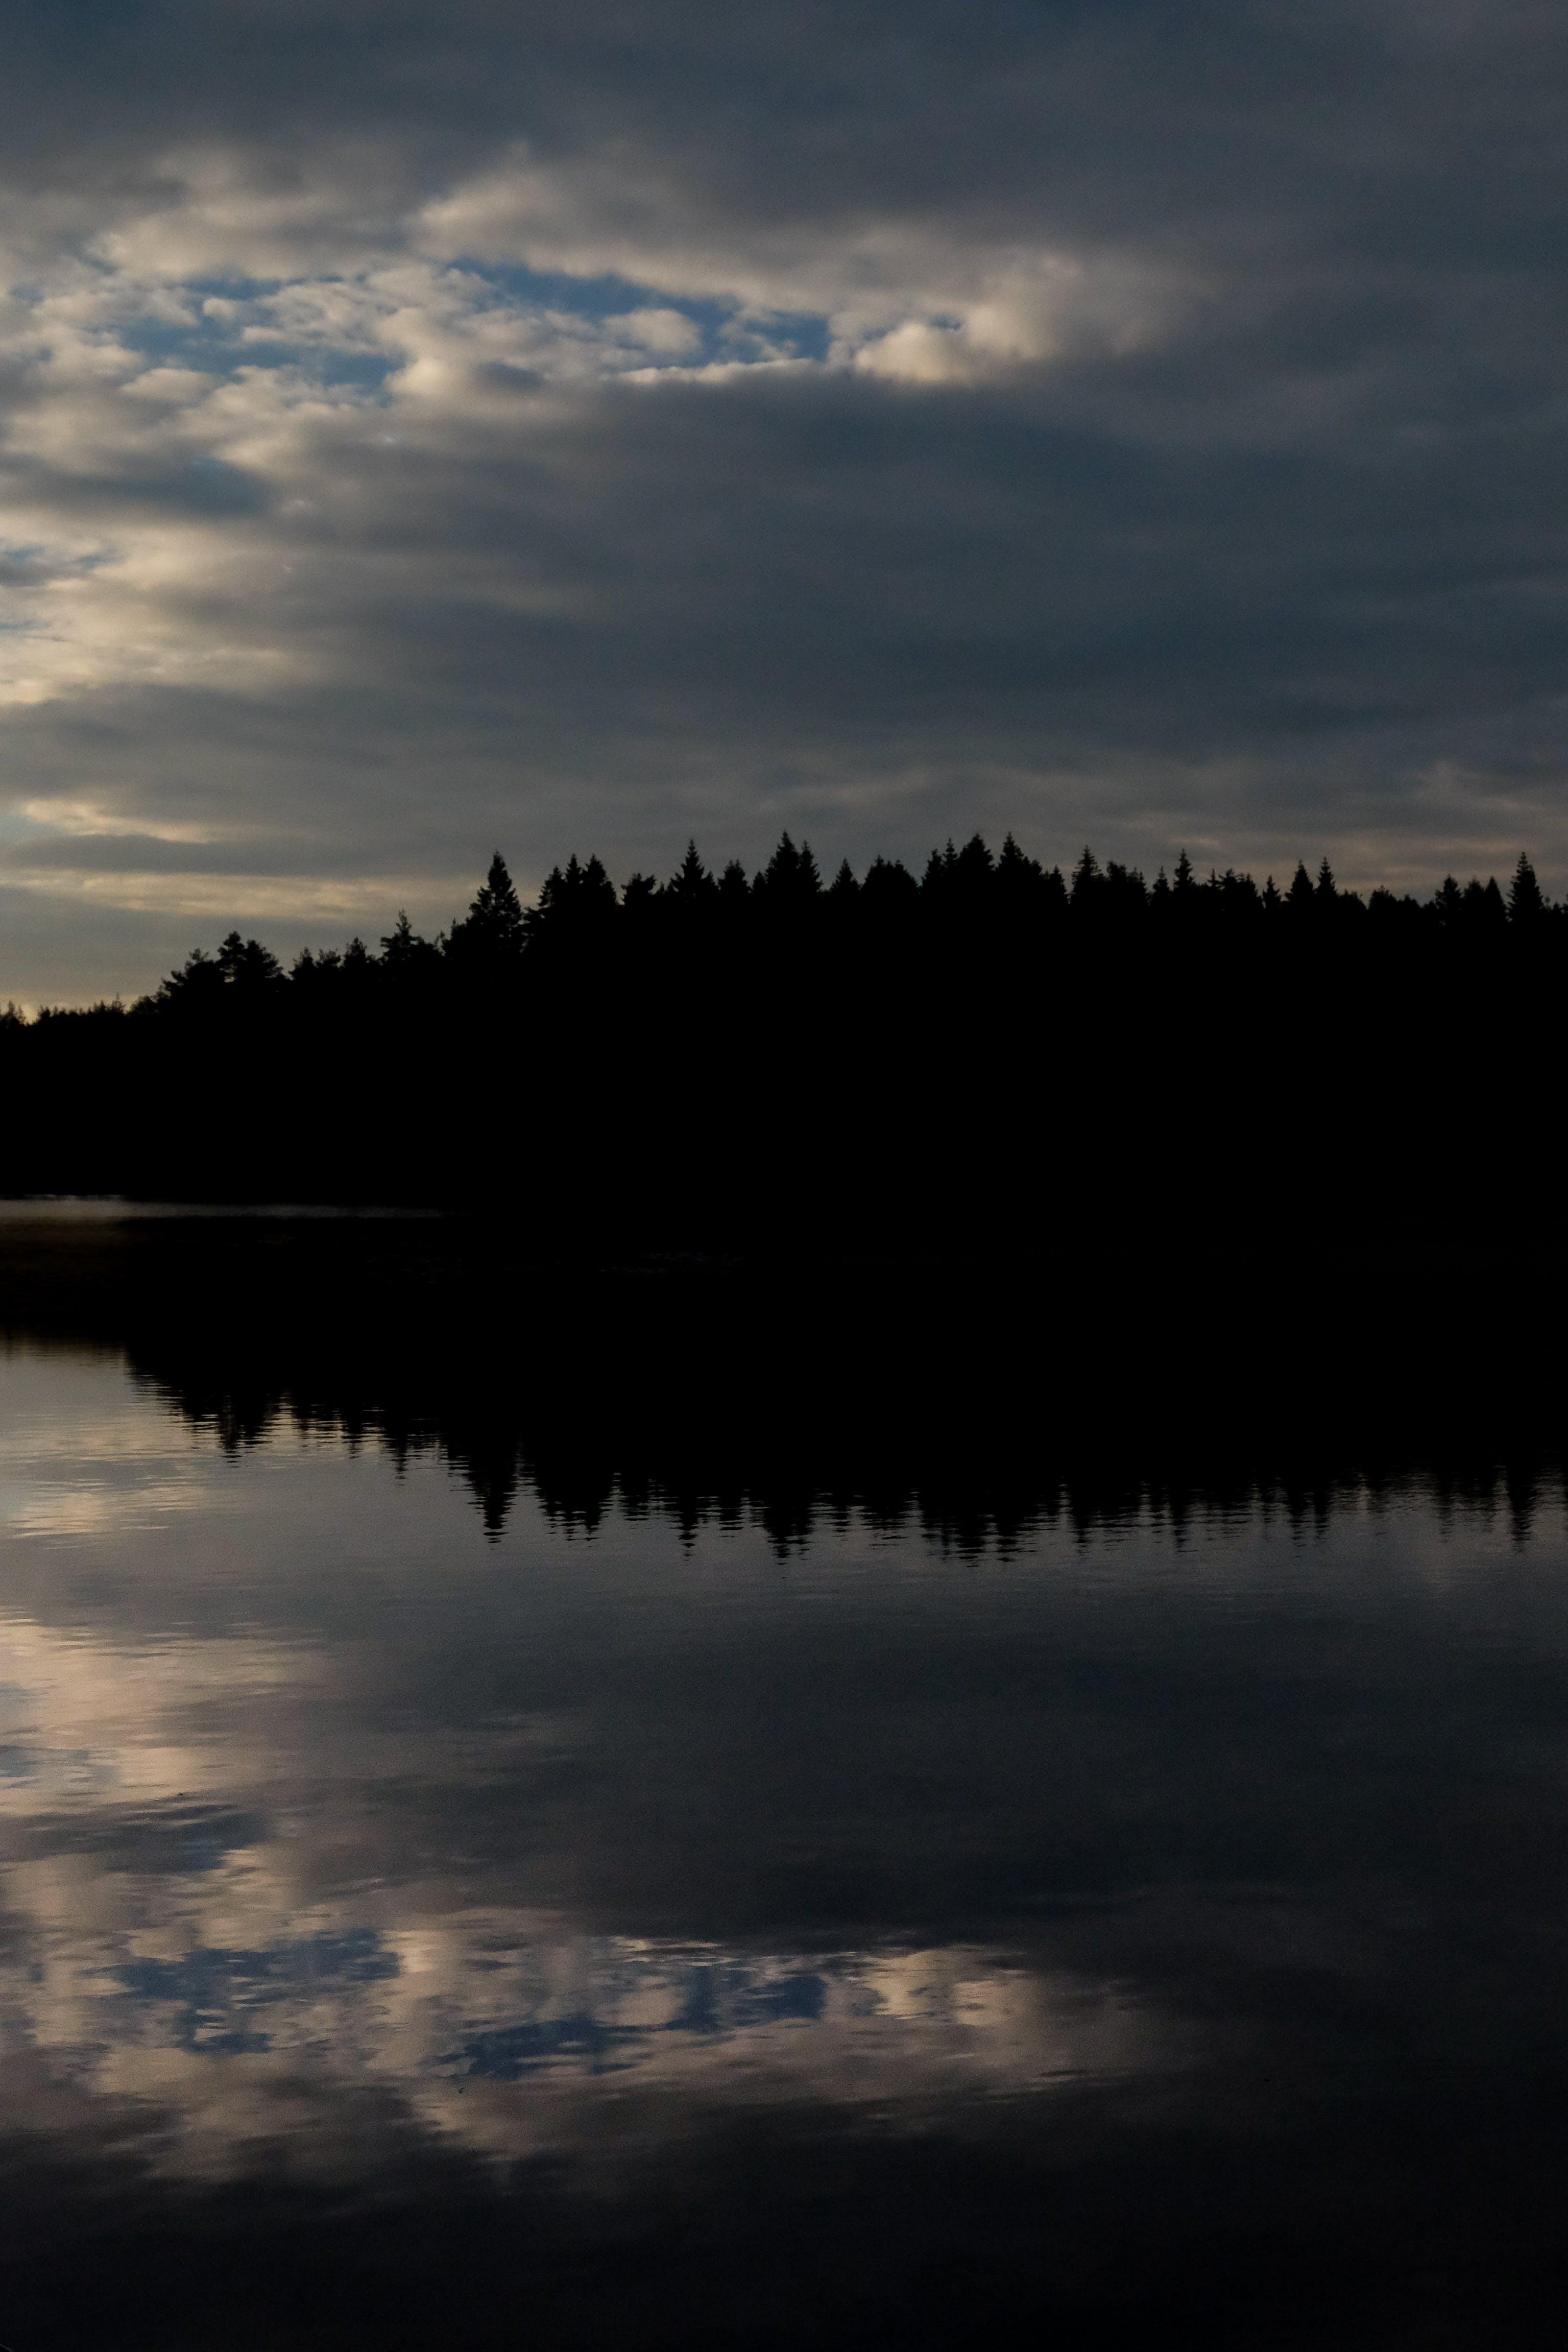 Δωρεάν στοκ φωτογραφιών με αντανακλάσεις, δασικός, δέντρα, δραματικός ουρανό